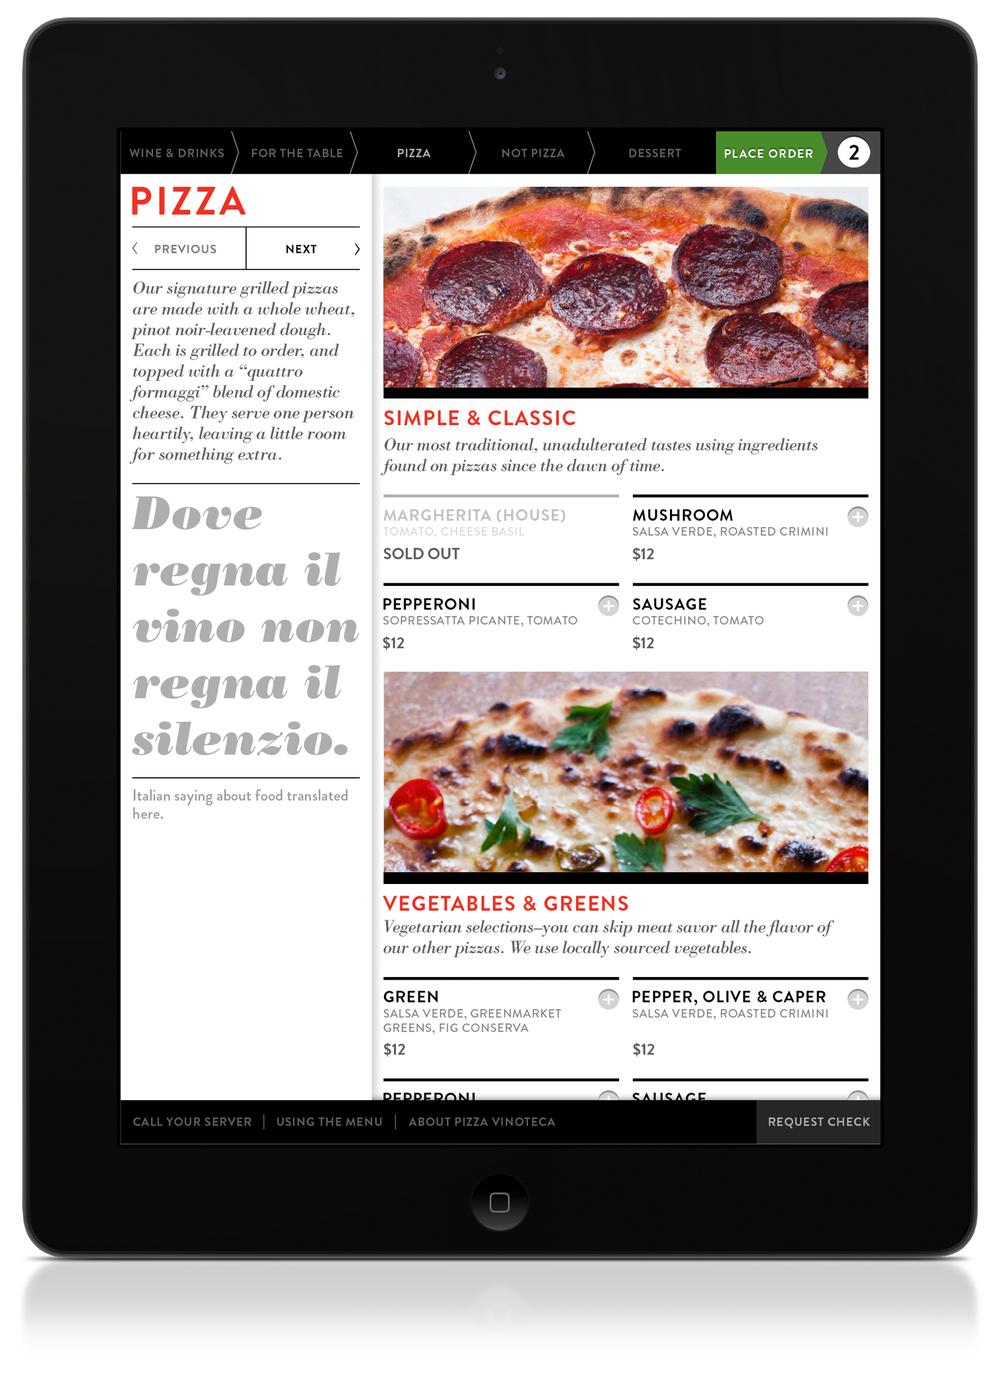 PVT in iPad10.jpg